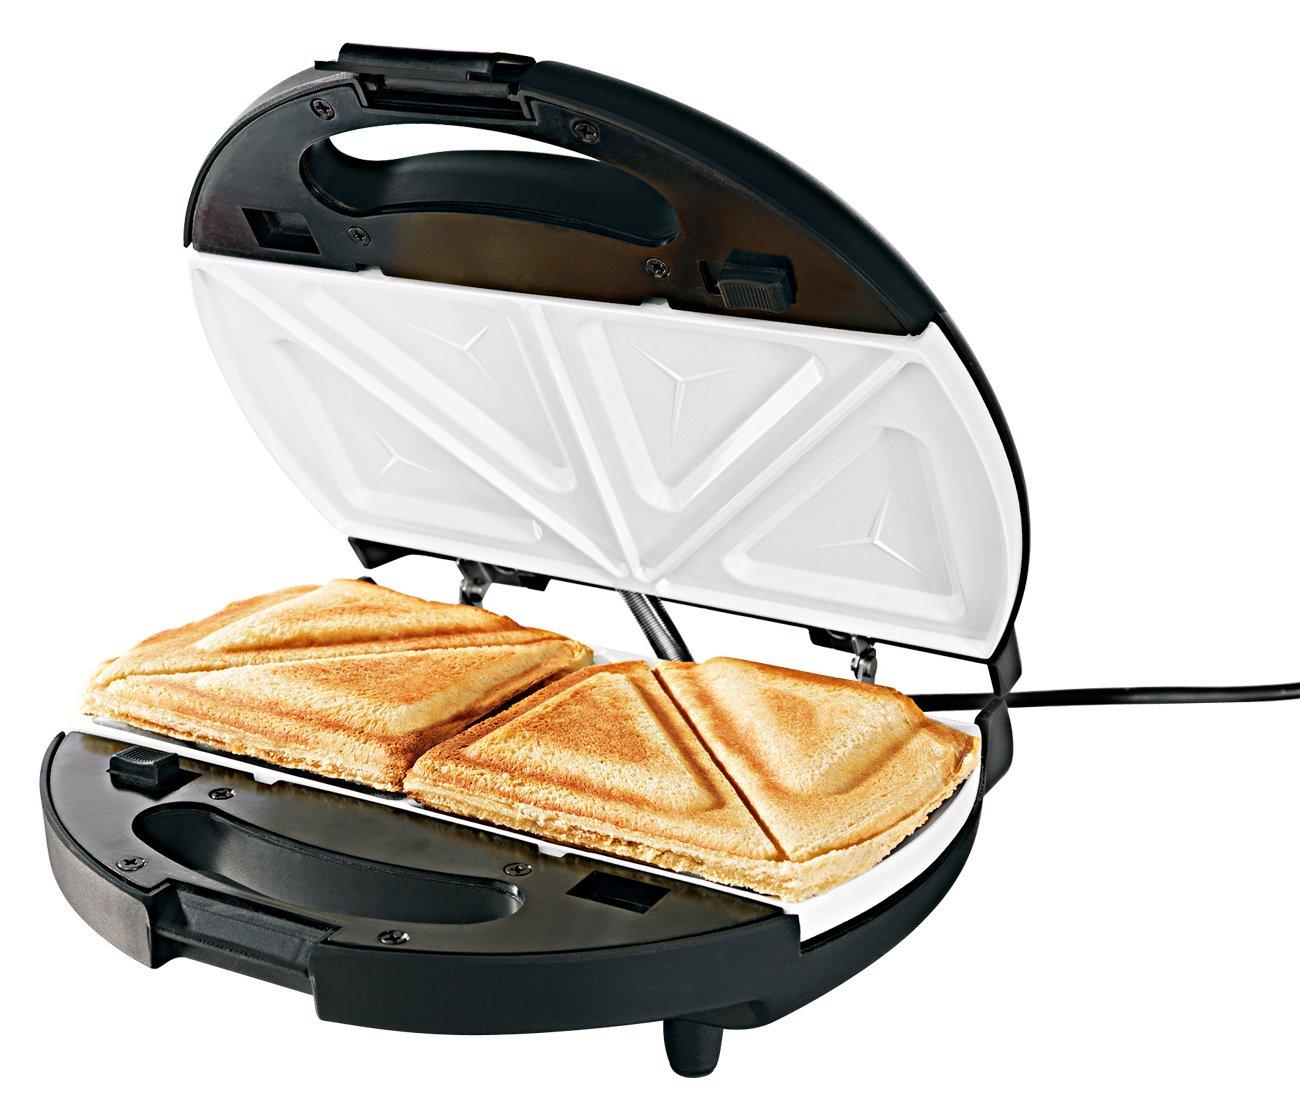 waffeleisen test sandwichmaker 3 in 1 test achtung bei sandwichmaker und waffeleisen in einem. Black Bedroom Furniture Sets. Home Design Ideas